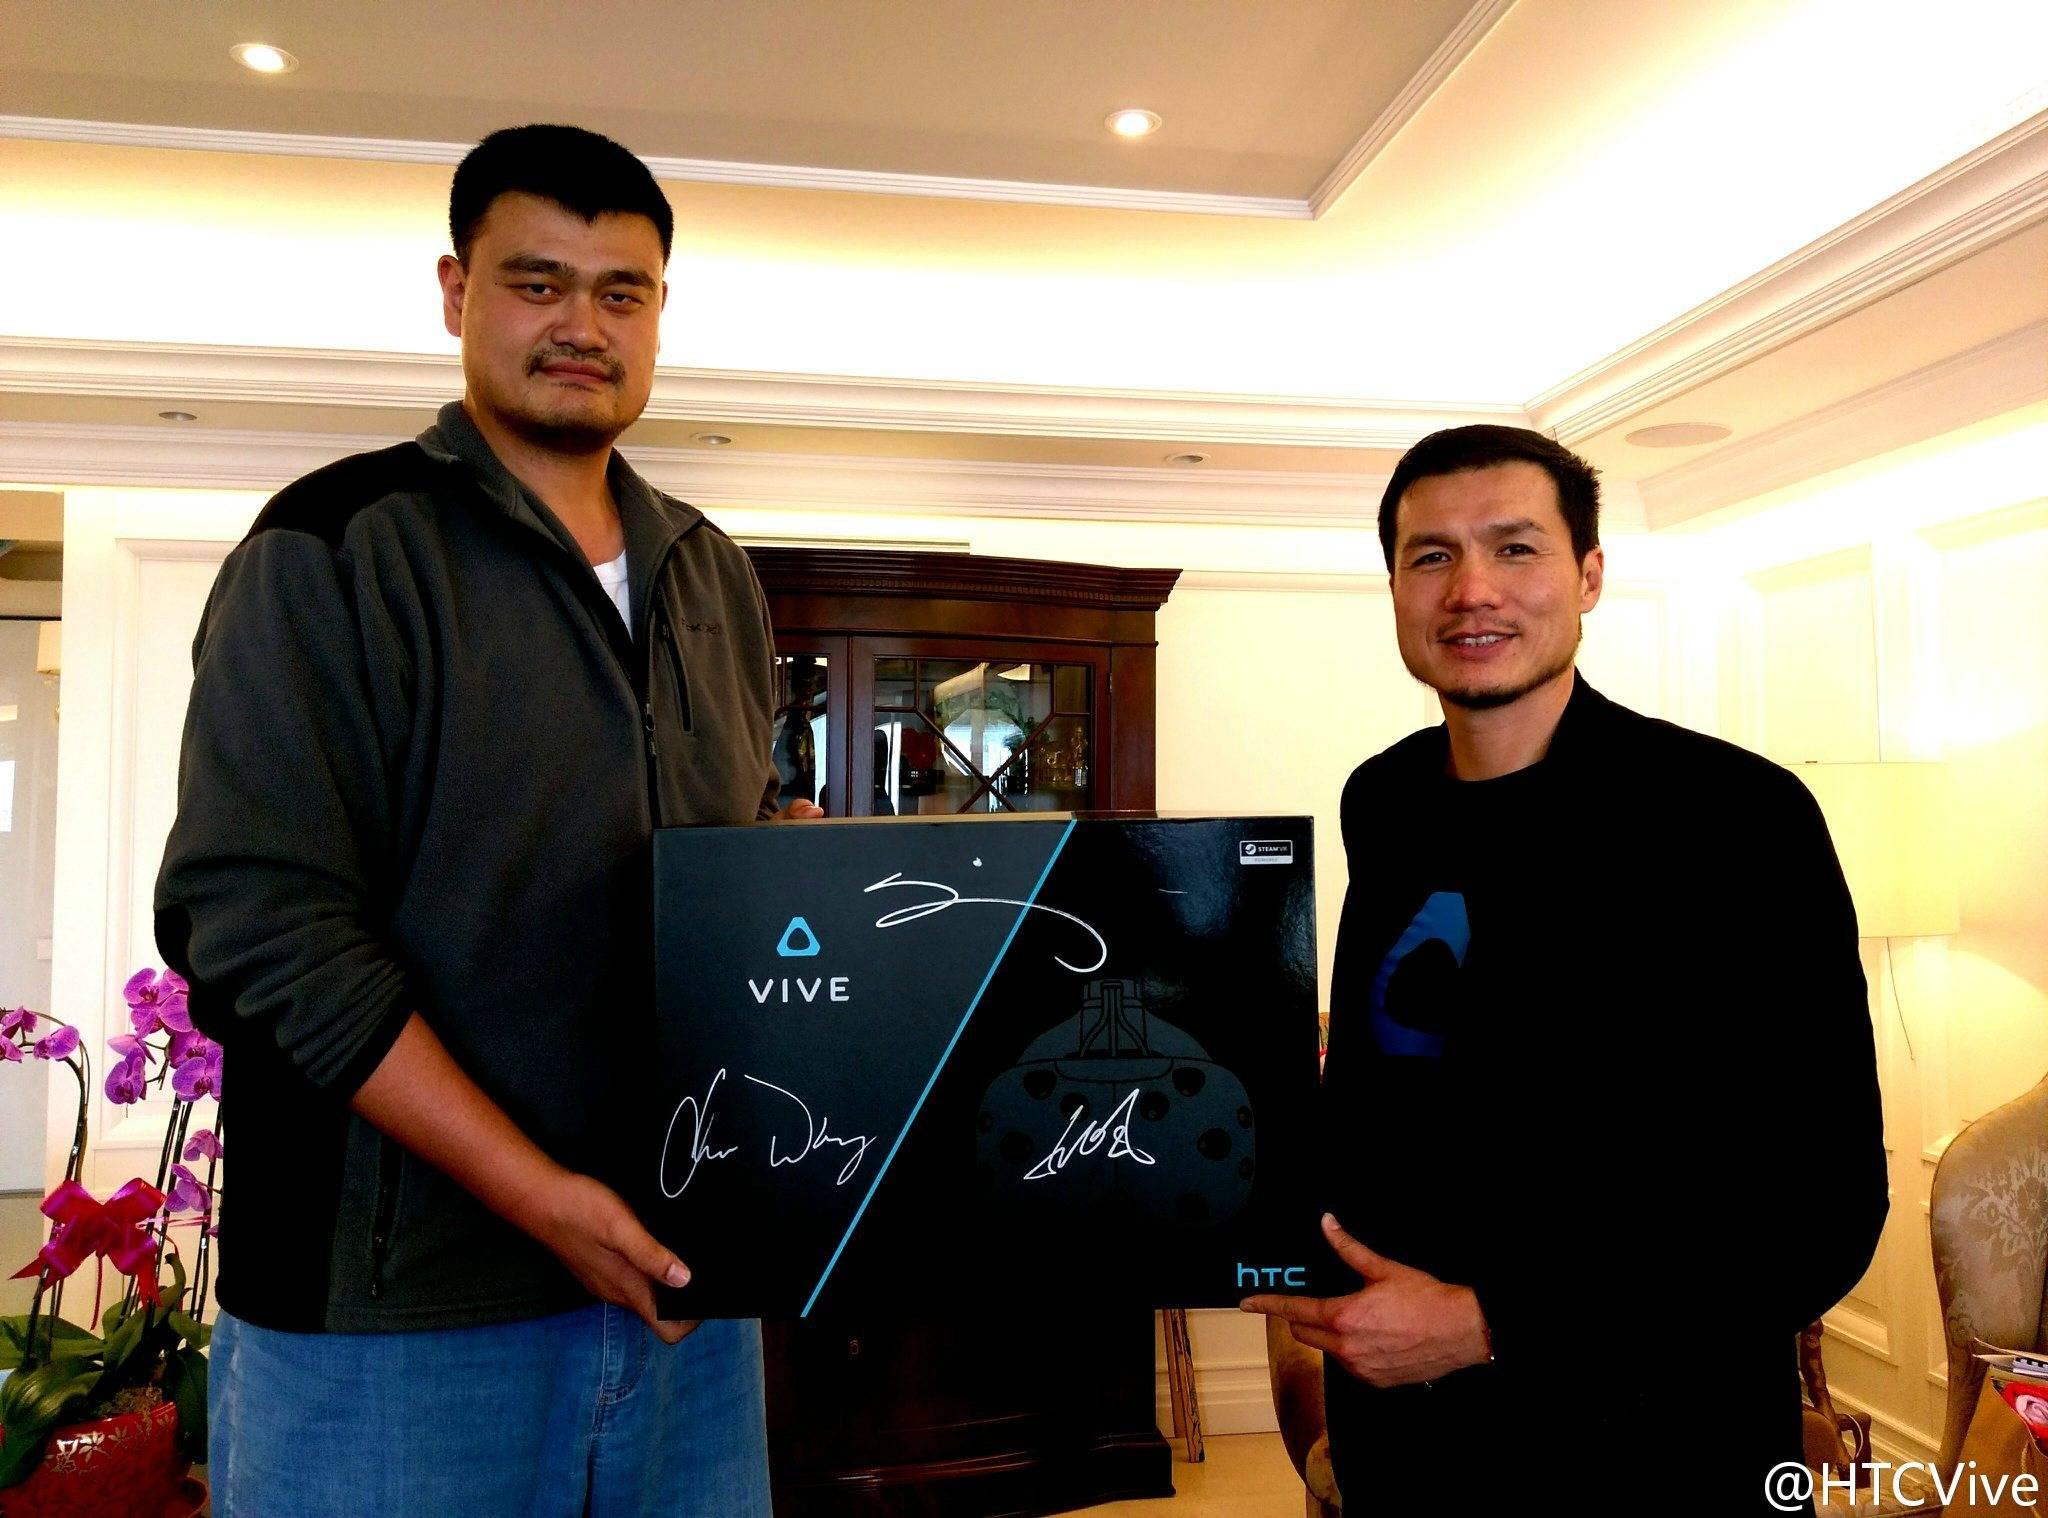 Alvin Wang HTC Vive CEO Yao Ming PingWest Hao Ying